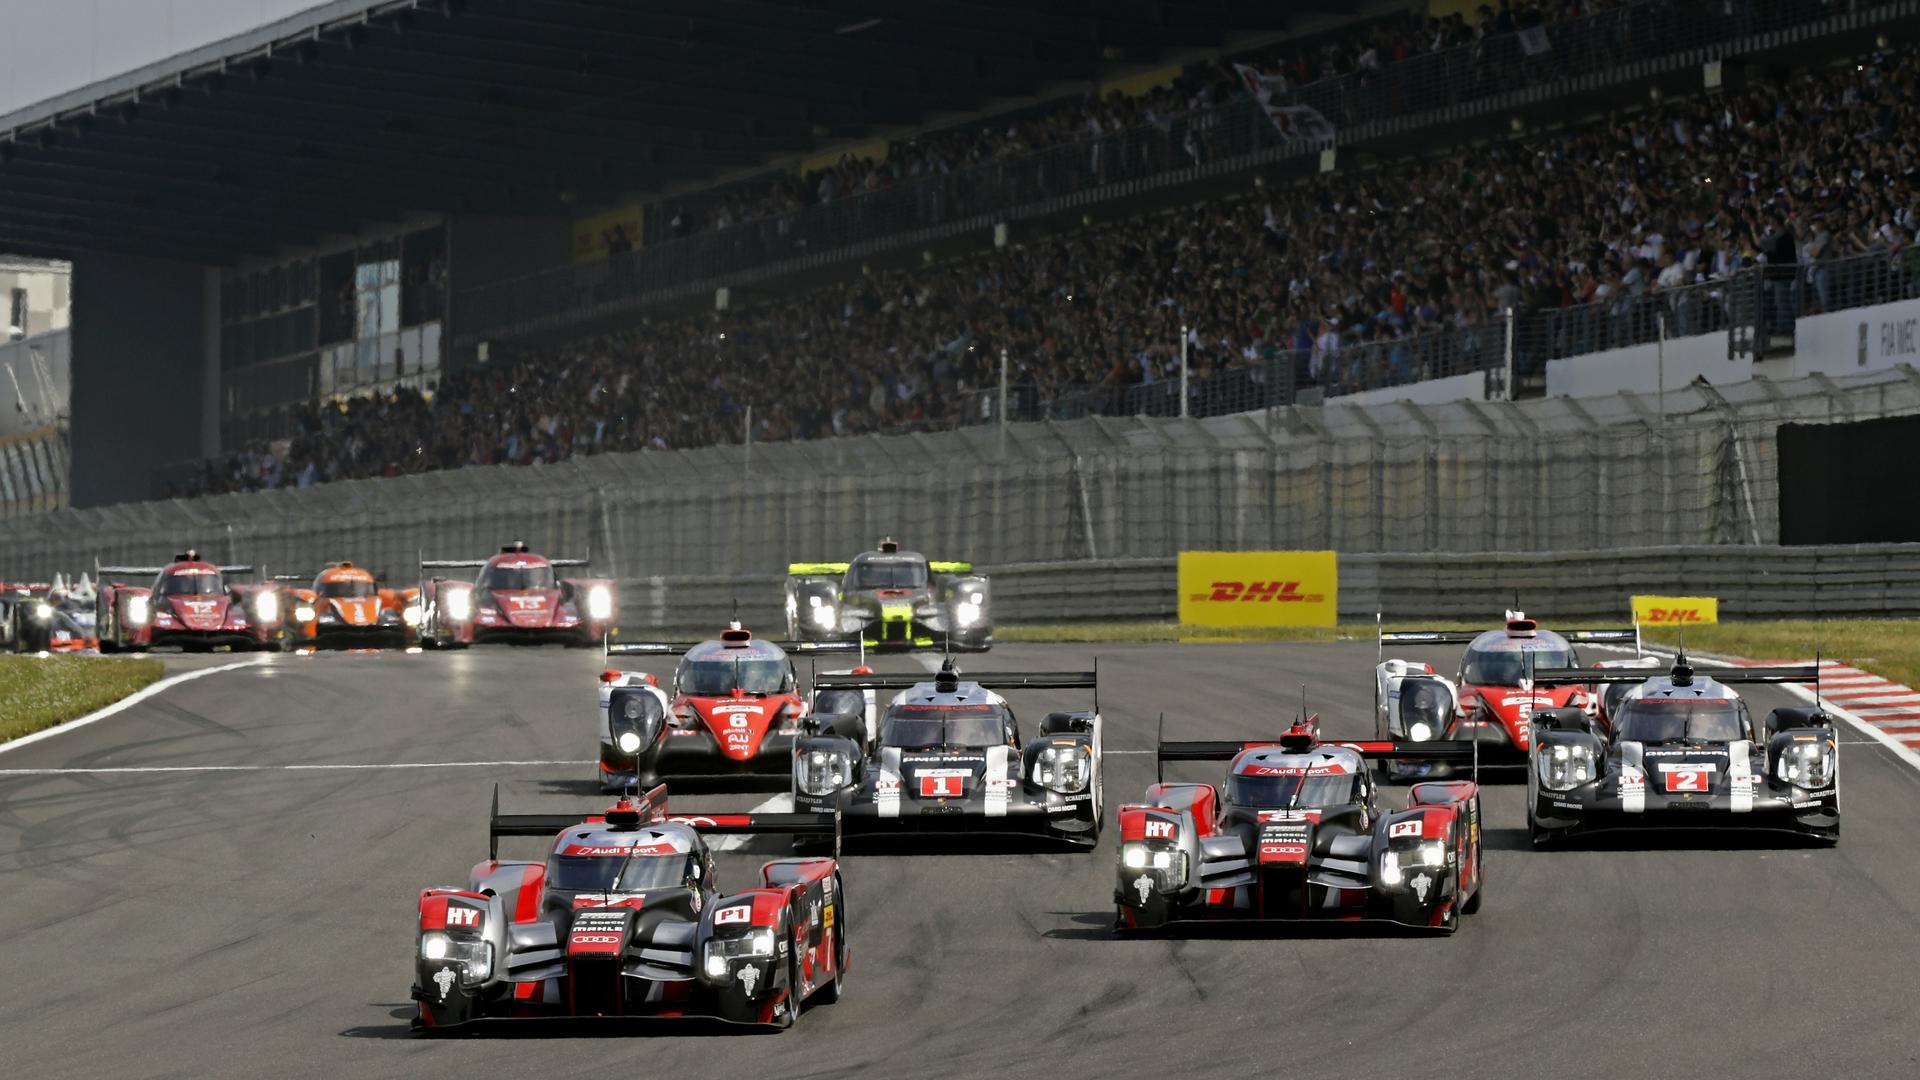 Gute Teamleistung von Audi beim Heimspiel